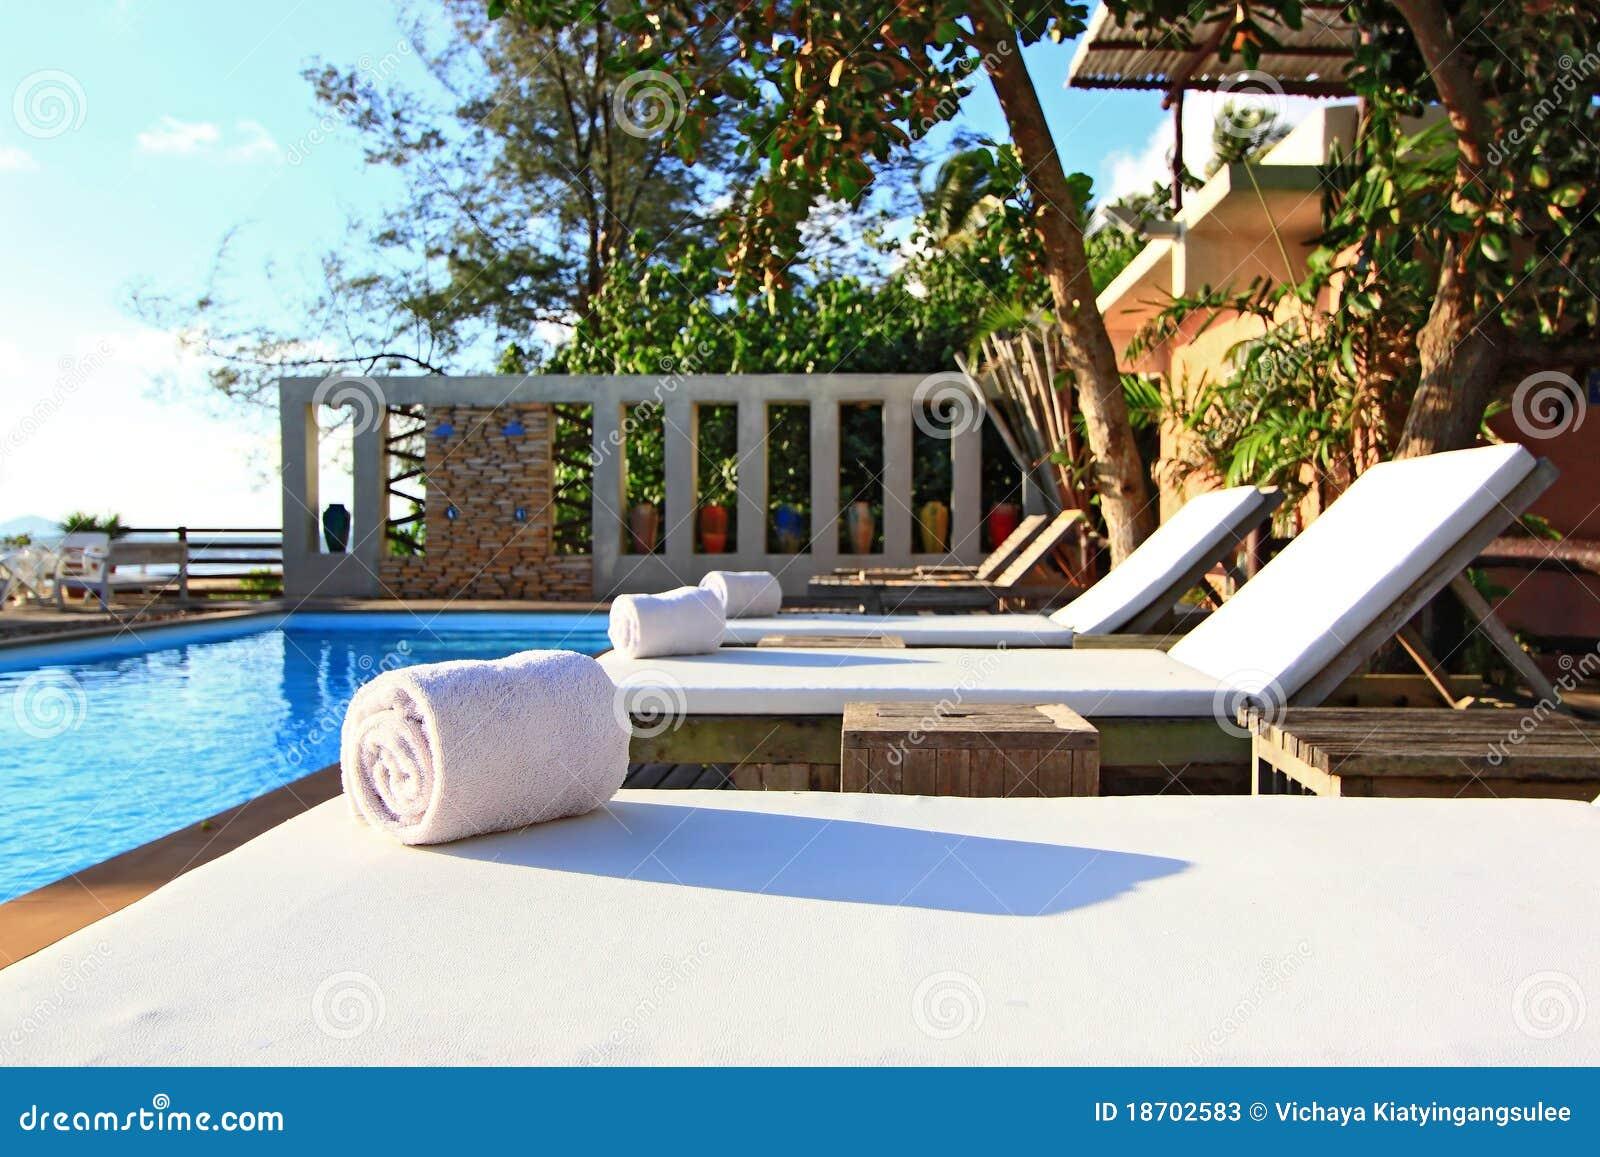 White Towel on Beach chair